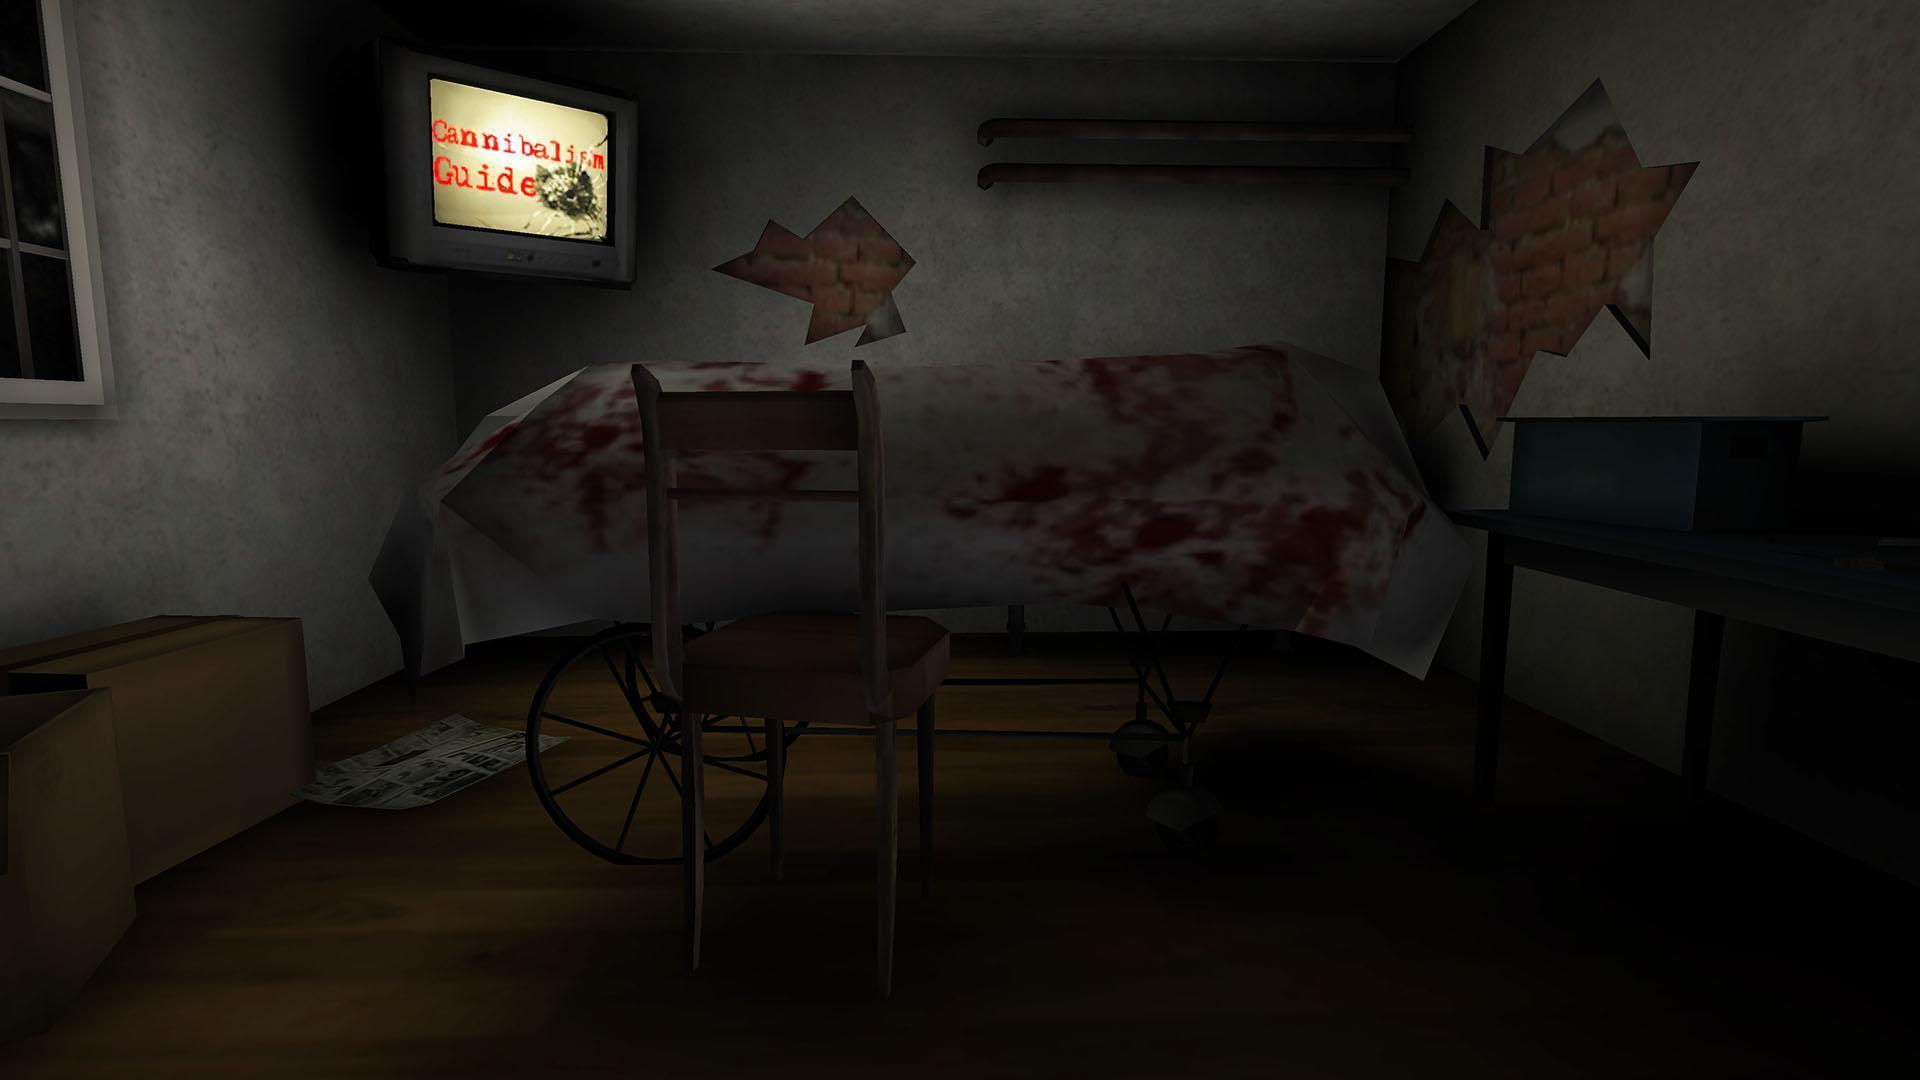 Dark Internet: ¡Juego de terror y supervivencia! 1.1.0 Screenshot 22